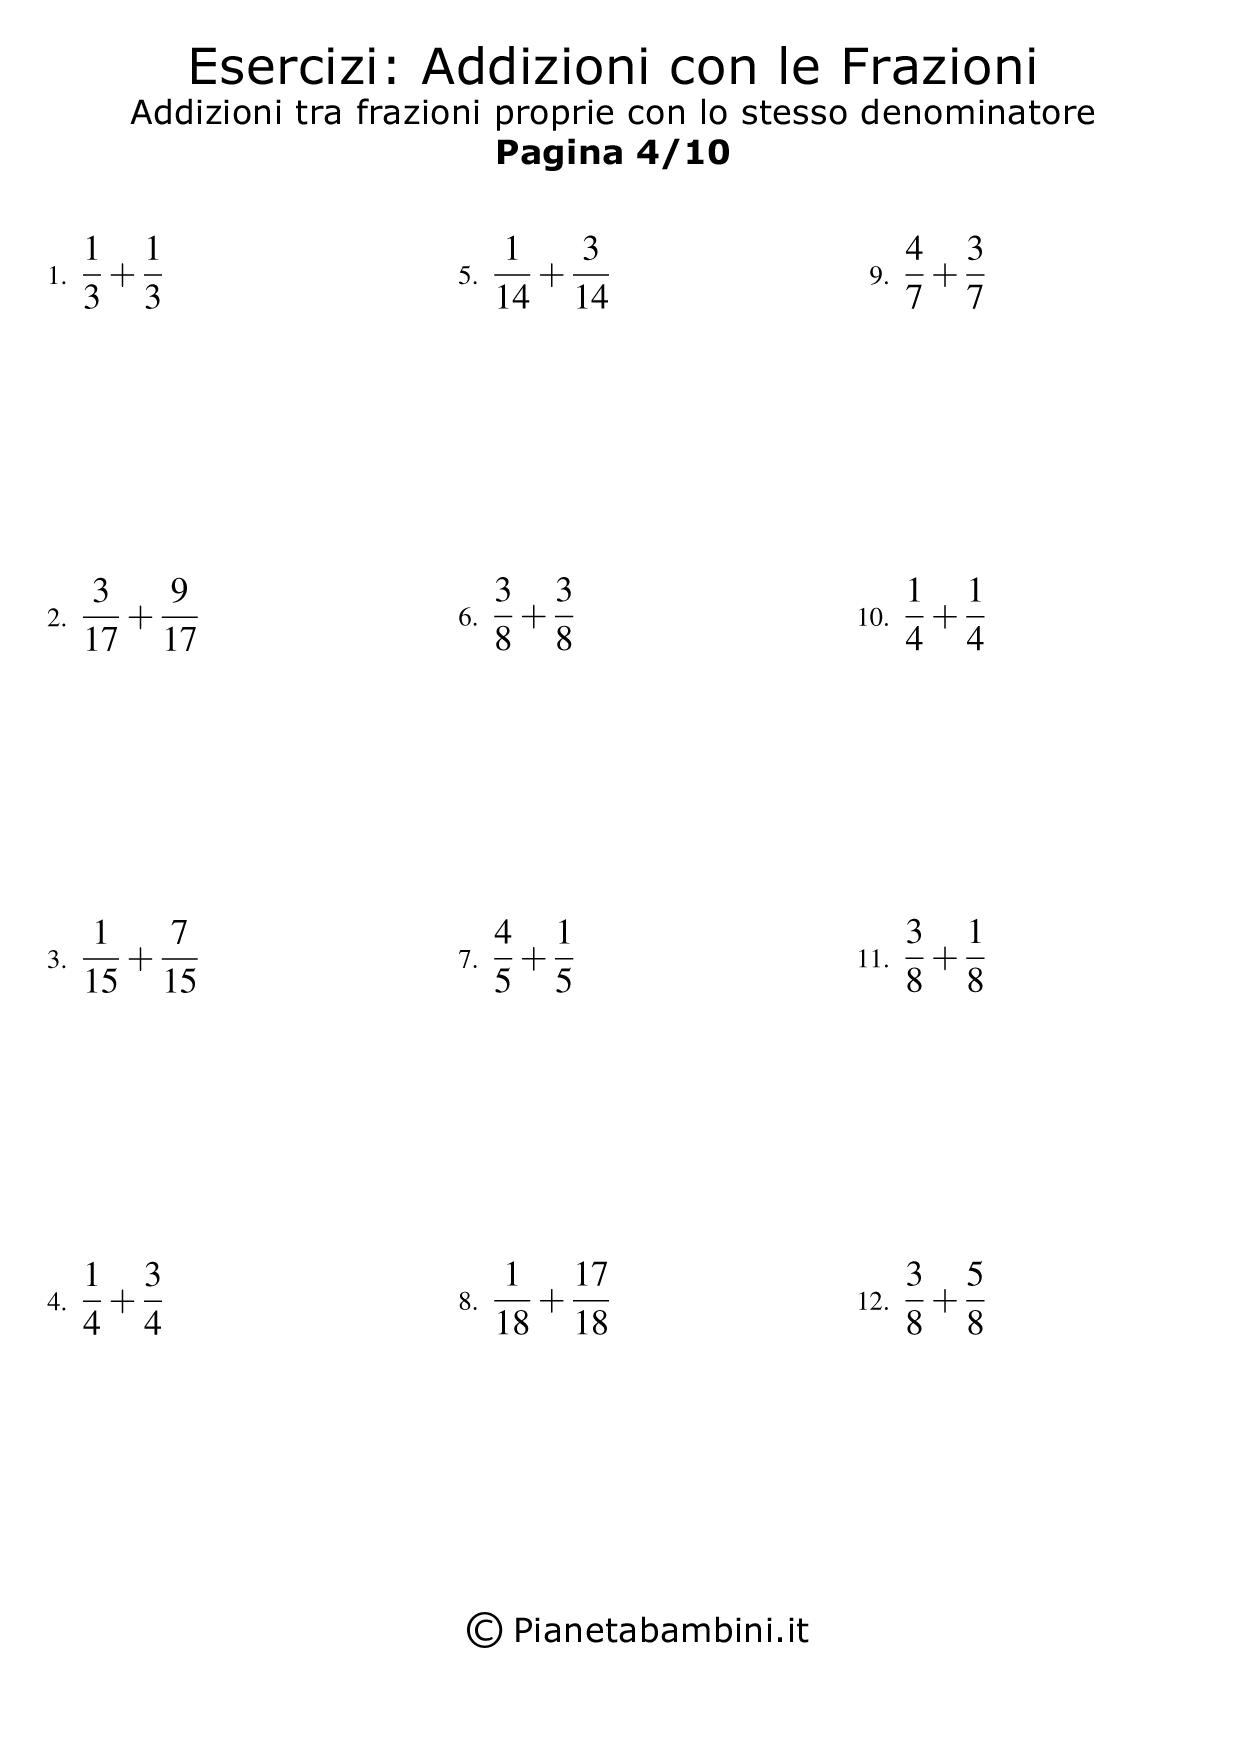 Addizioni-Frazioni-Stesso-Denominatore_04